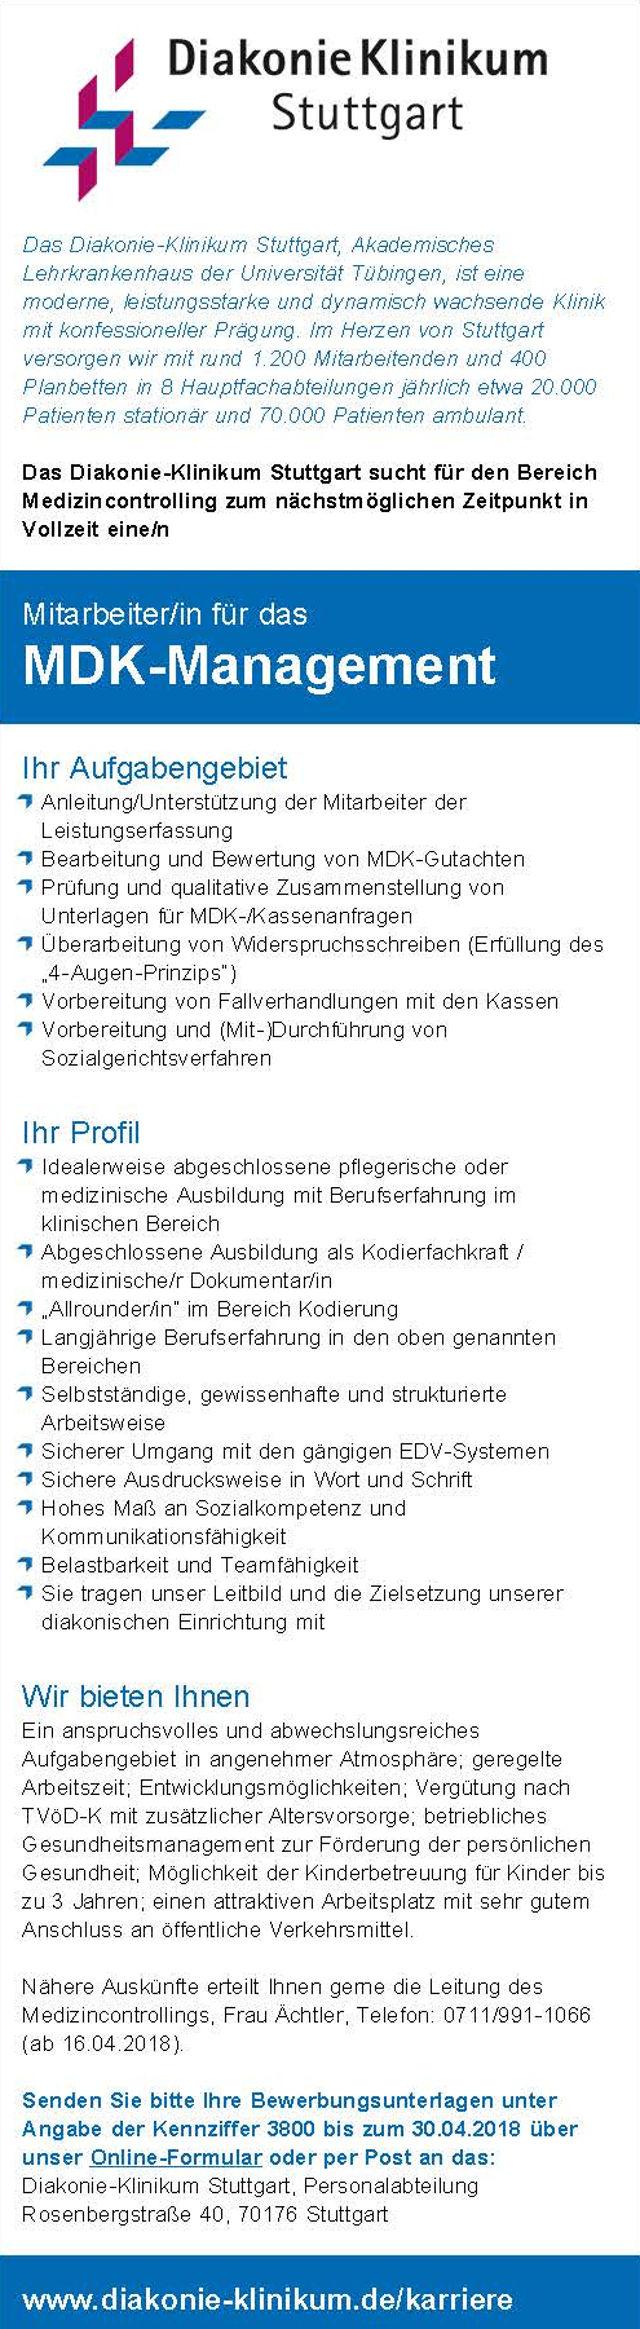 Gemütlich Medizinische Billing Codierung Stichprobe Fortsetzen Ideen ...